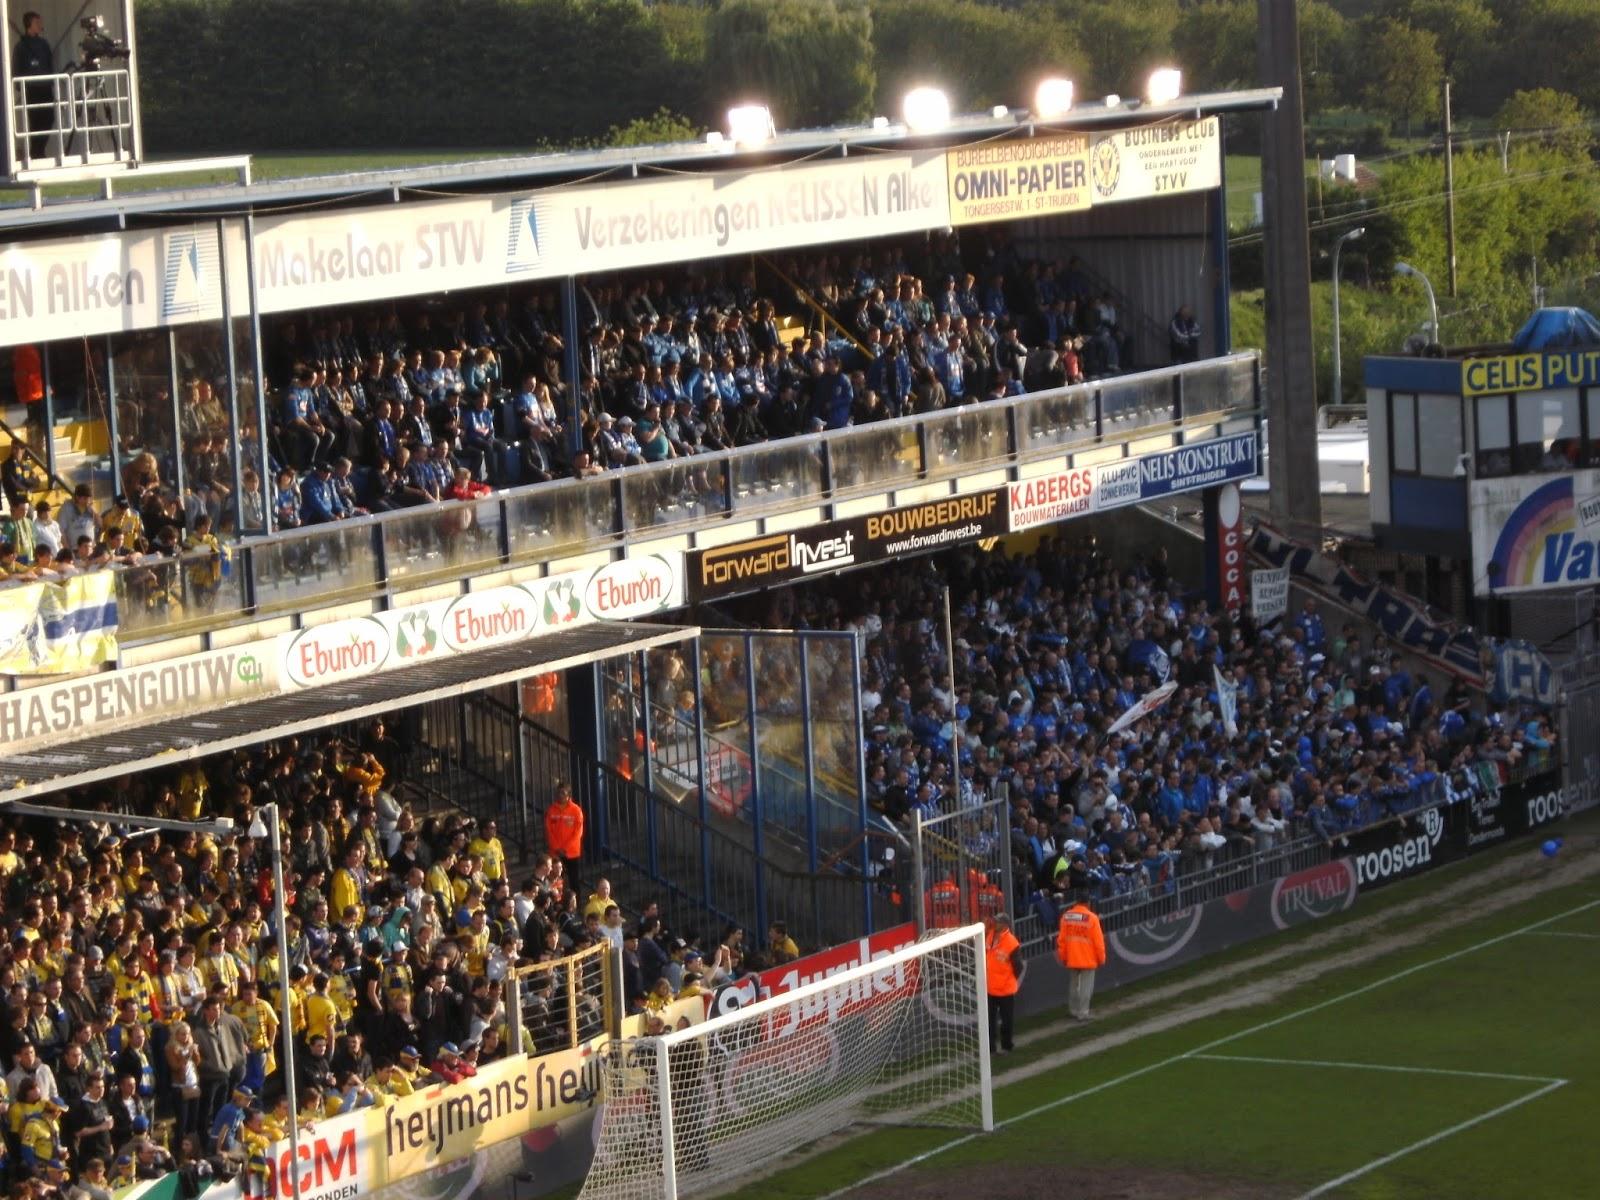 impermo keukentegels : Extreme Football Tourism Belgium K Sint Truidense Vv